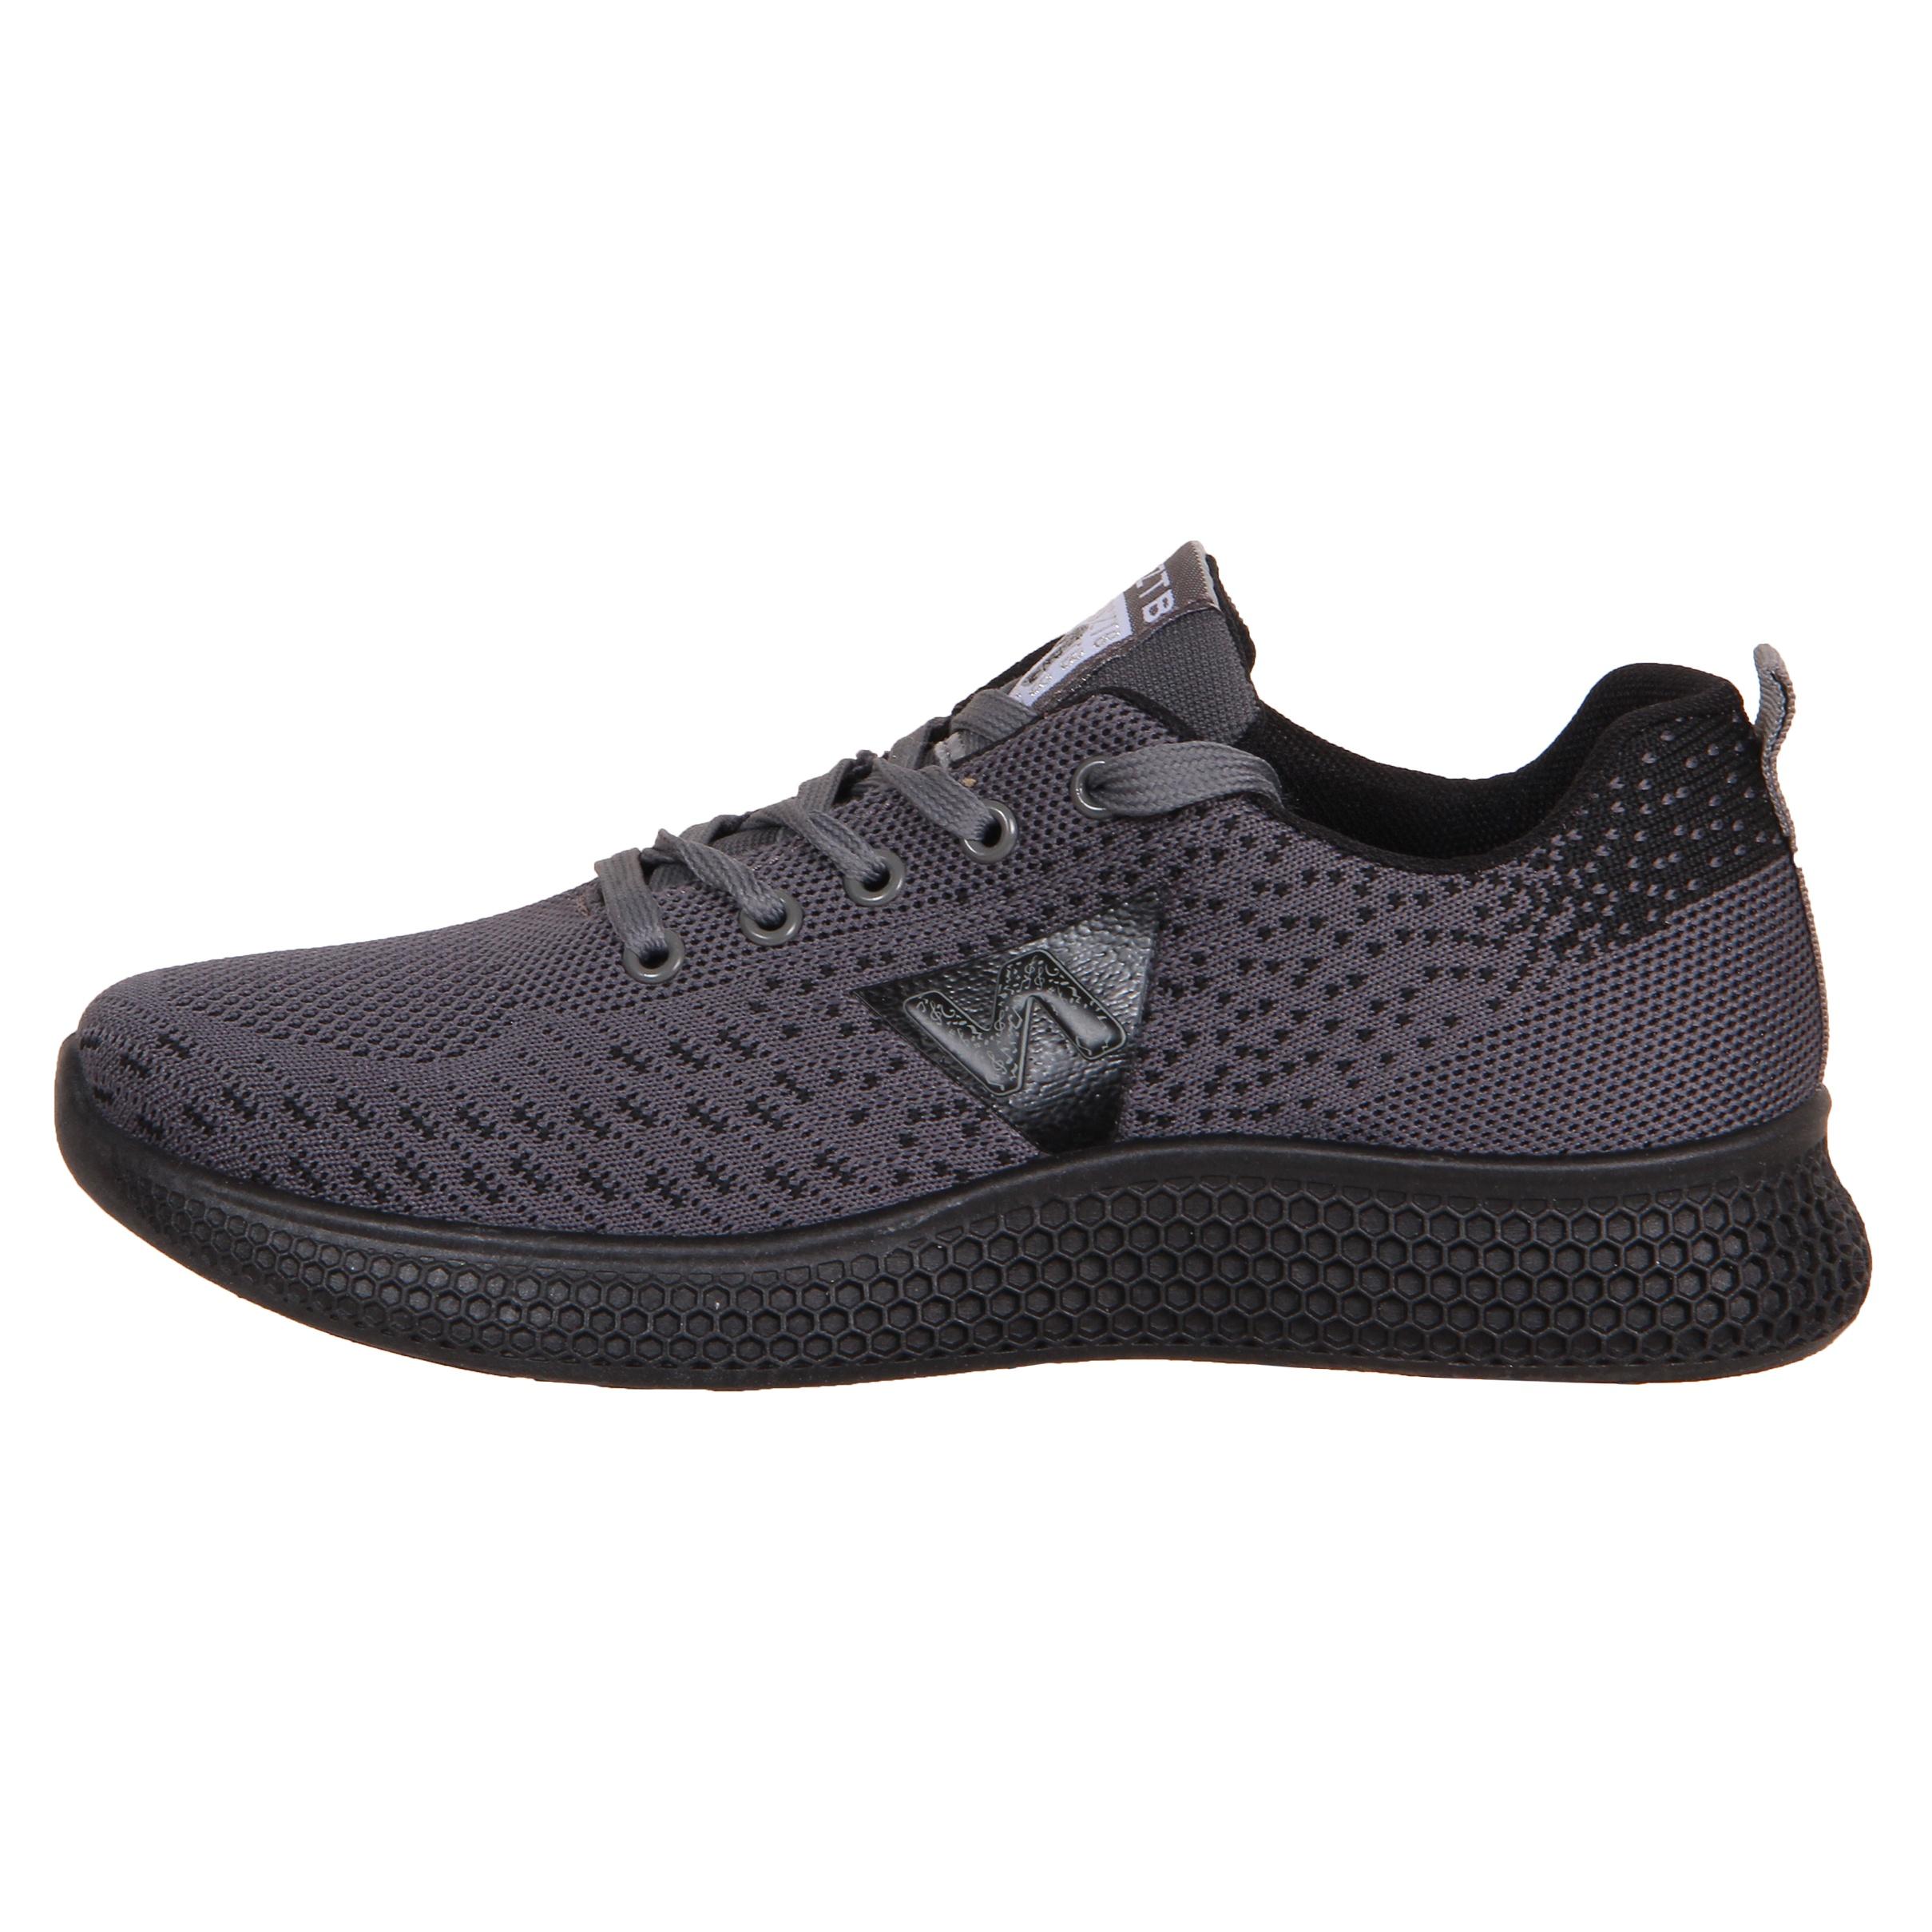 کفش مخصوص پیاده روی مردانه کد A29020-21